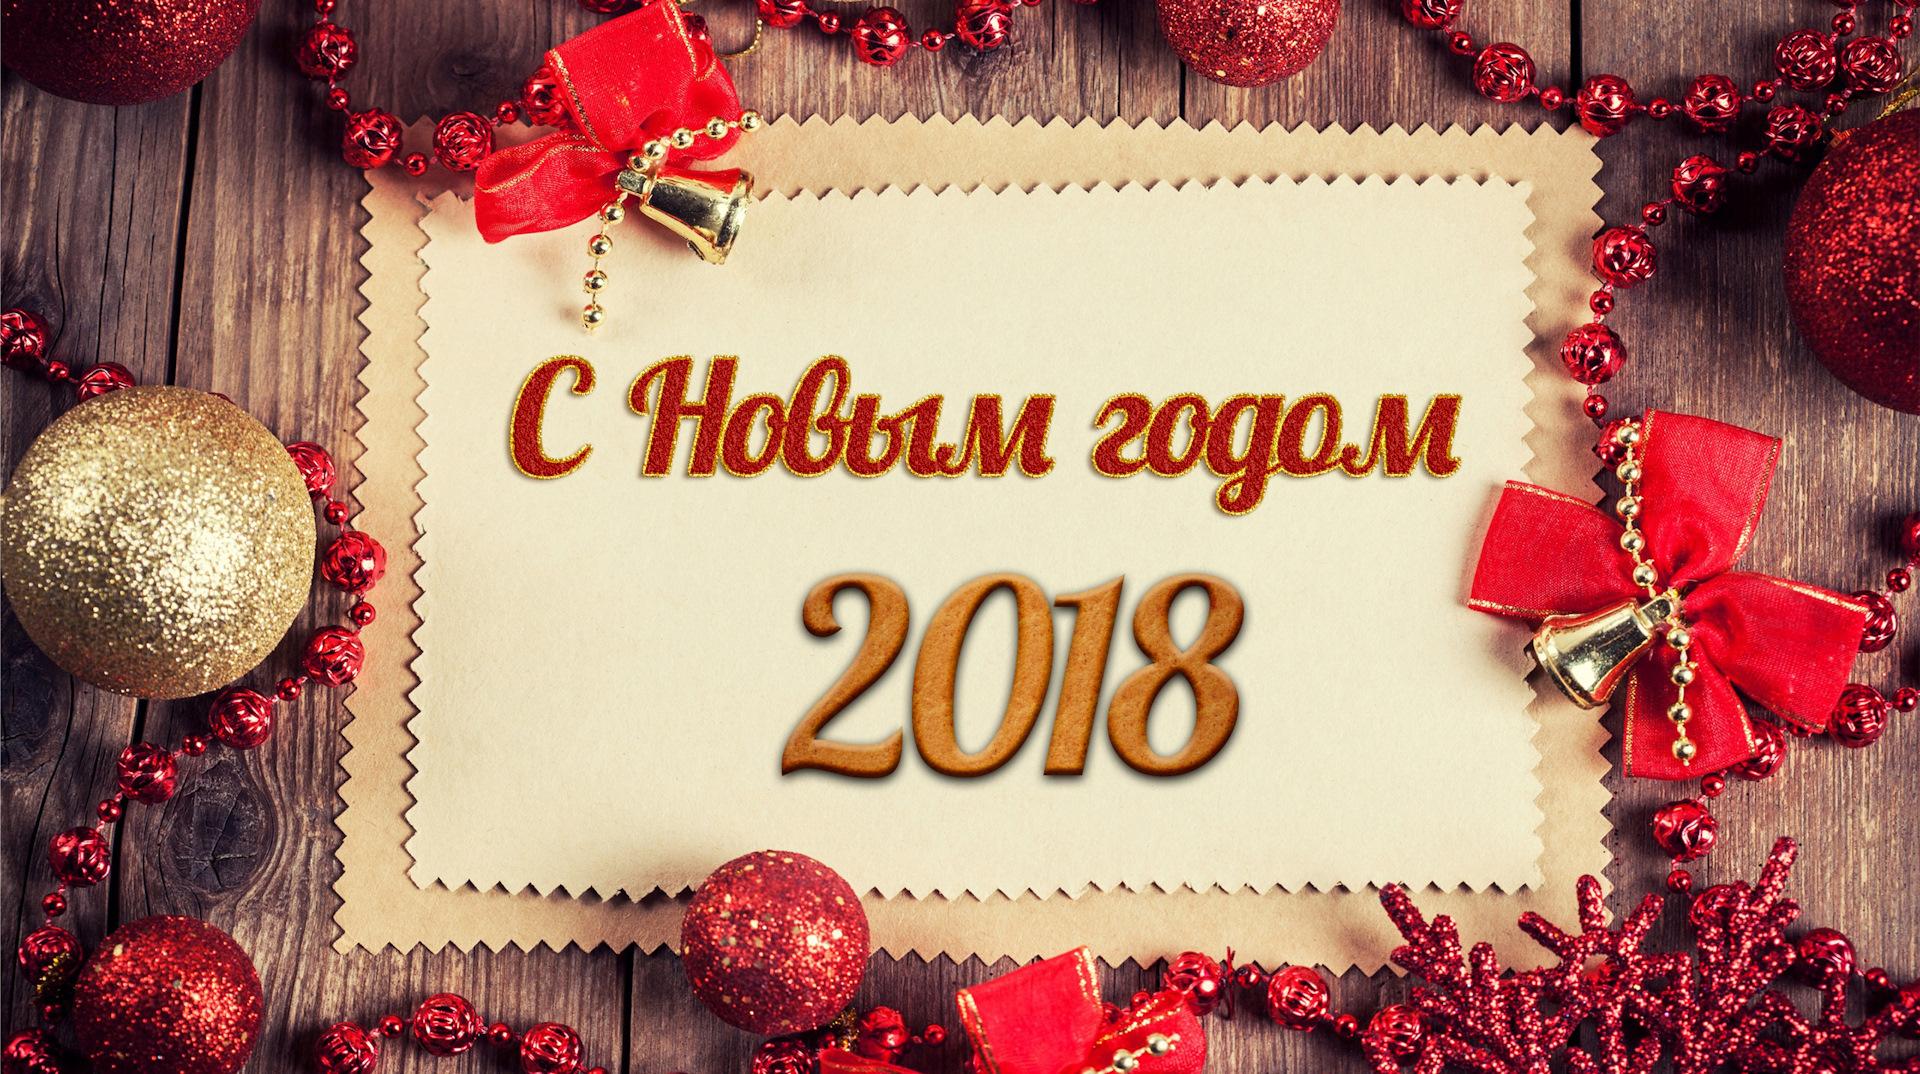 Картинки с новый год 2018